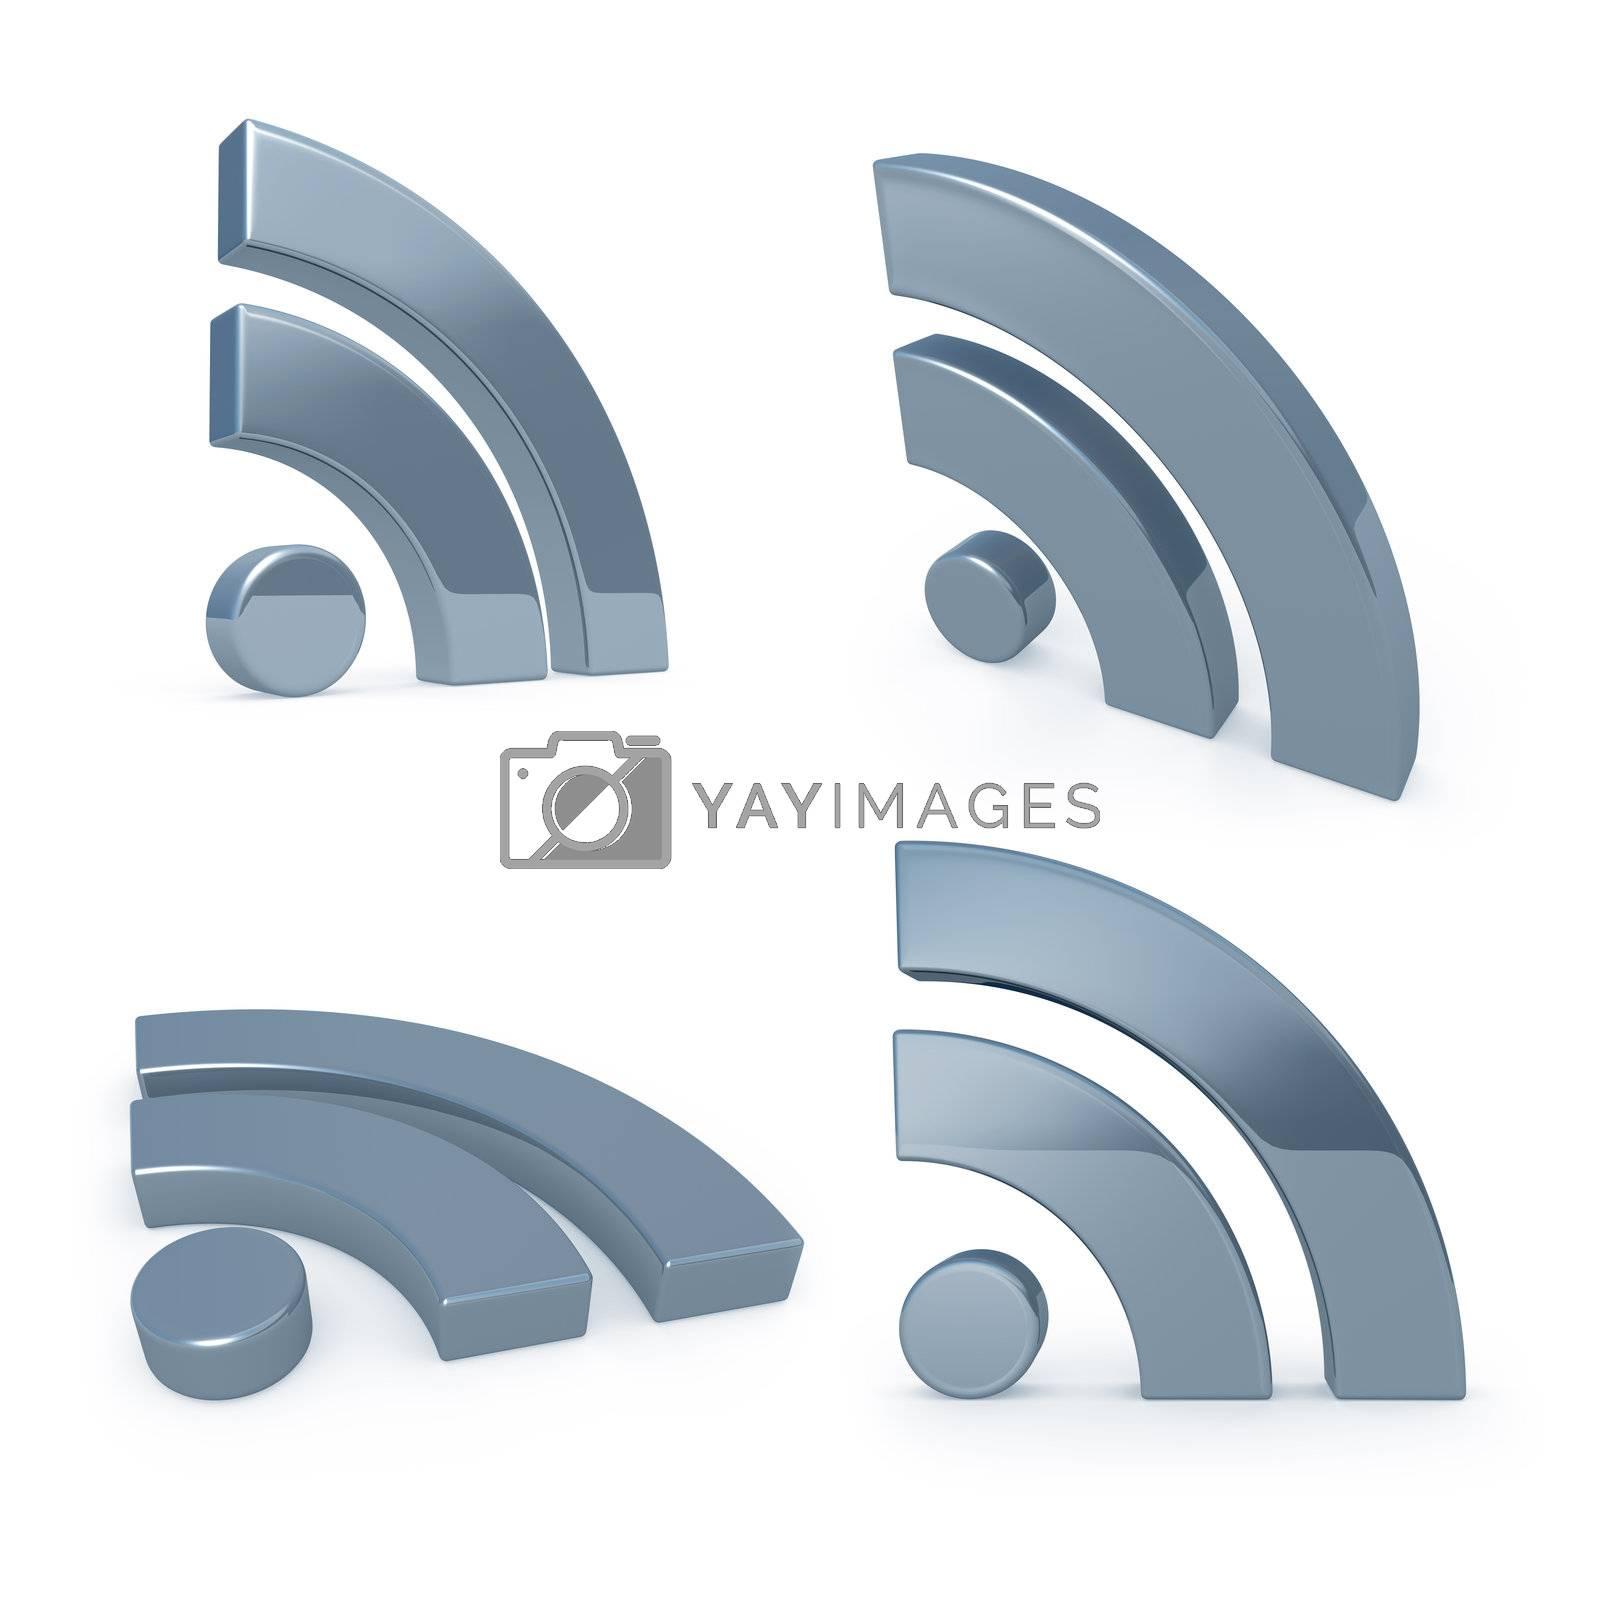 Blog Symbols by 3pod